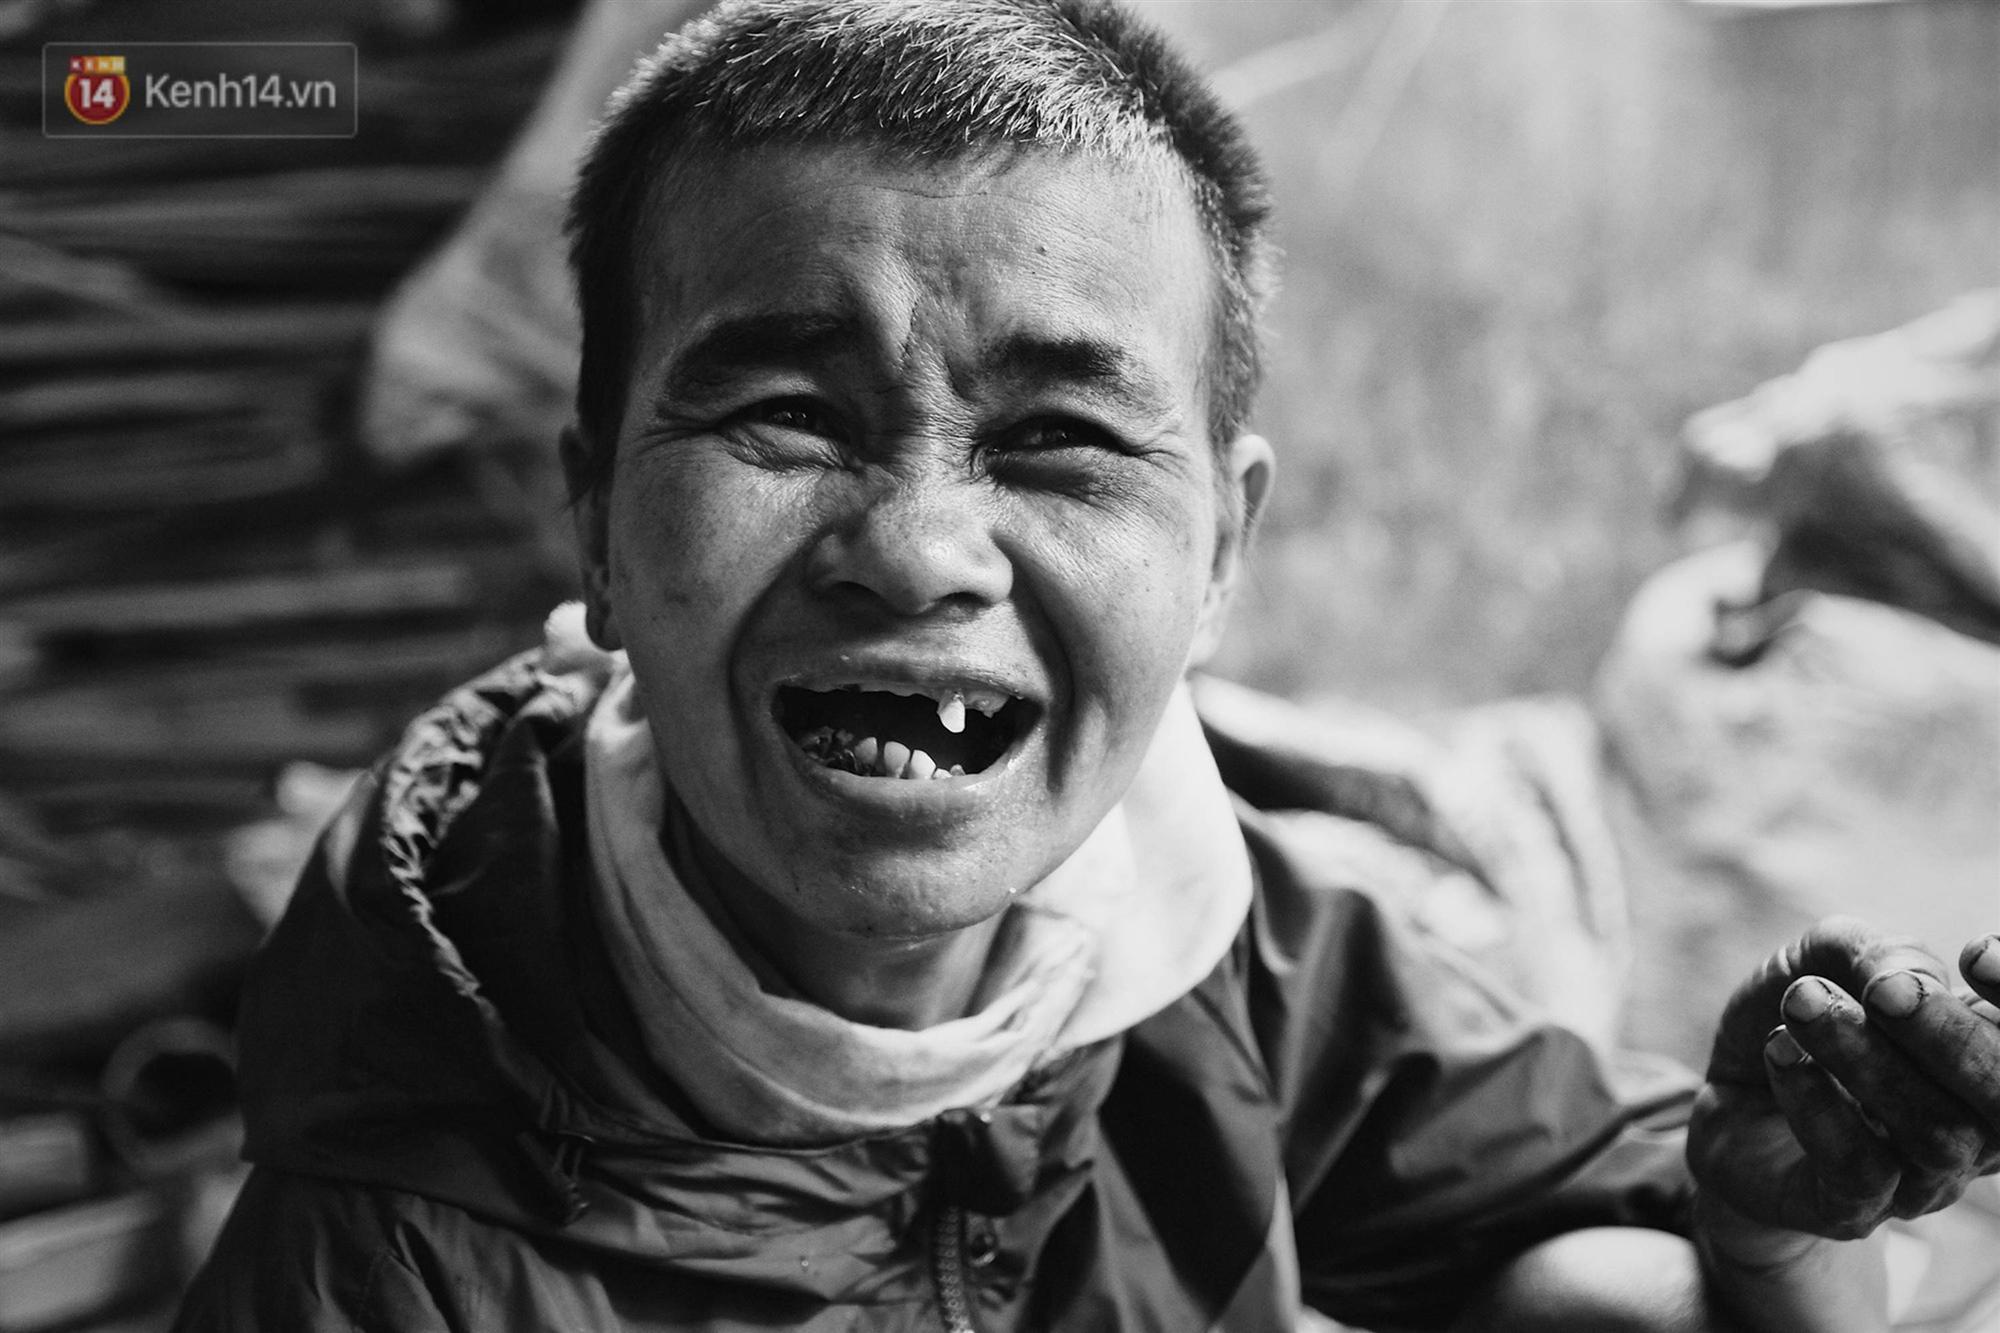 Ở Hà Nội, có một người mẹ mù gần 90 tuổi vẫn ngày đêm chăm đứa con gái điên: Còn sống được lúc nào, thì tôi còn nuôi nó-1